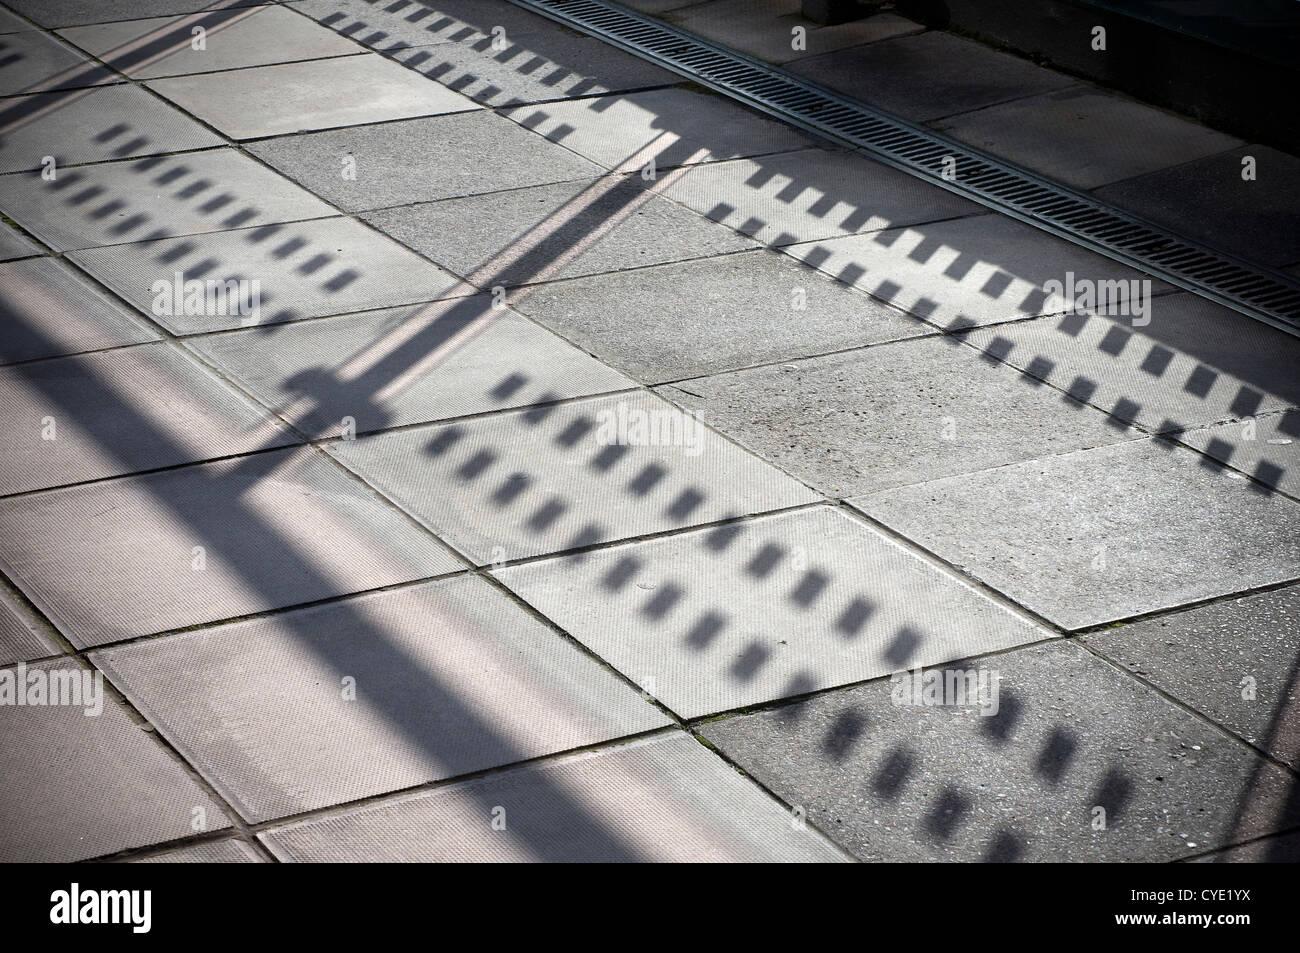 Textur Linienform, Architektur, Wintergarten, Design, Glas, Indoor, Modern,  Dach, Treppe, Treppe, Schritt, Struktur